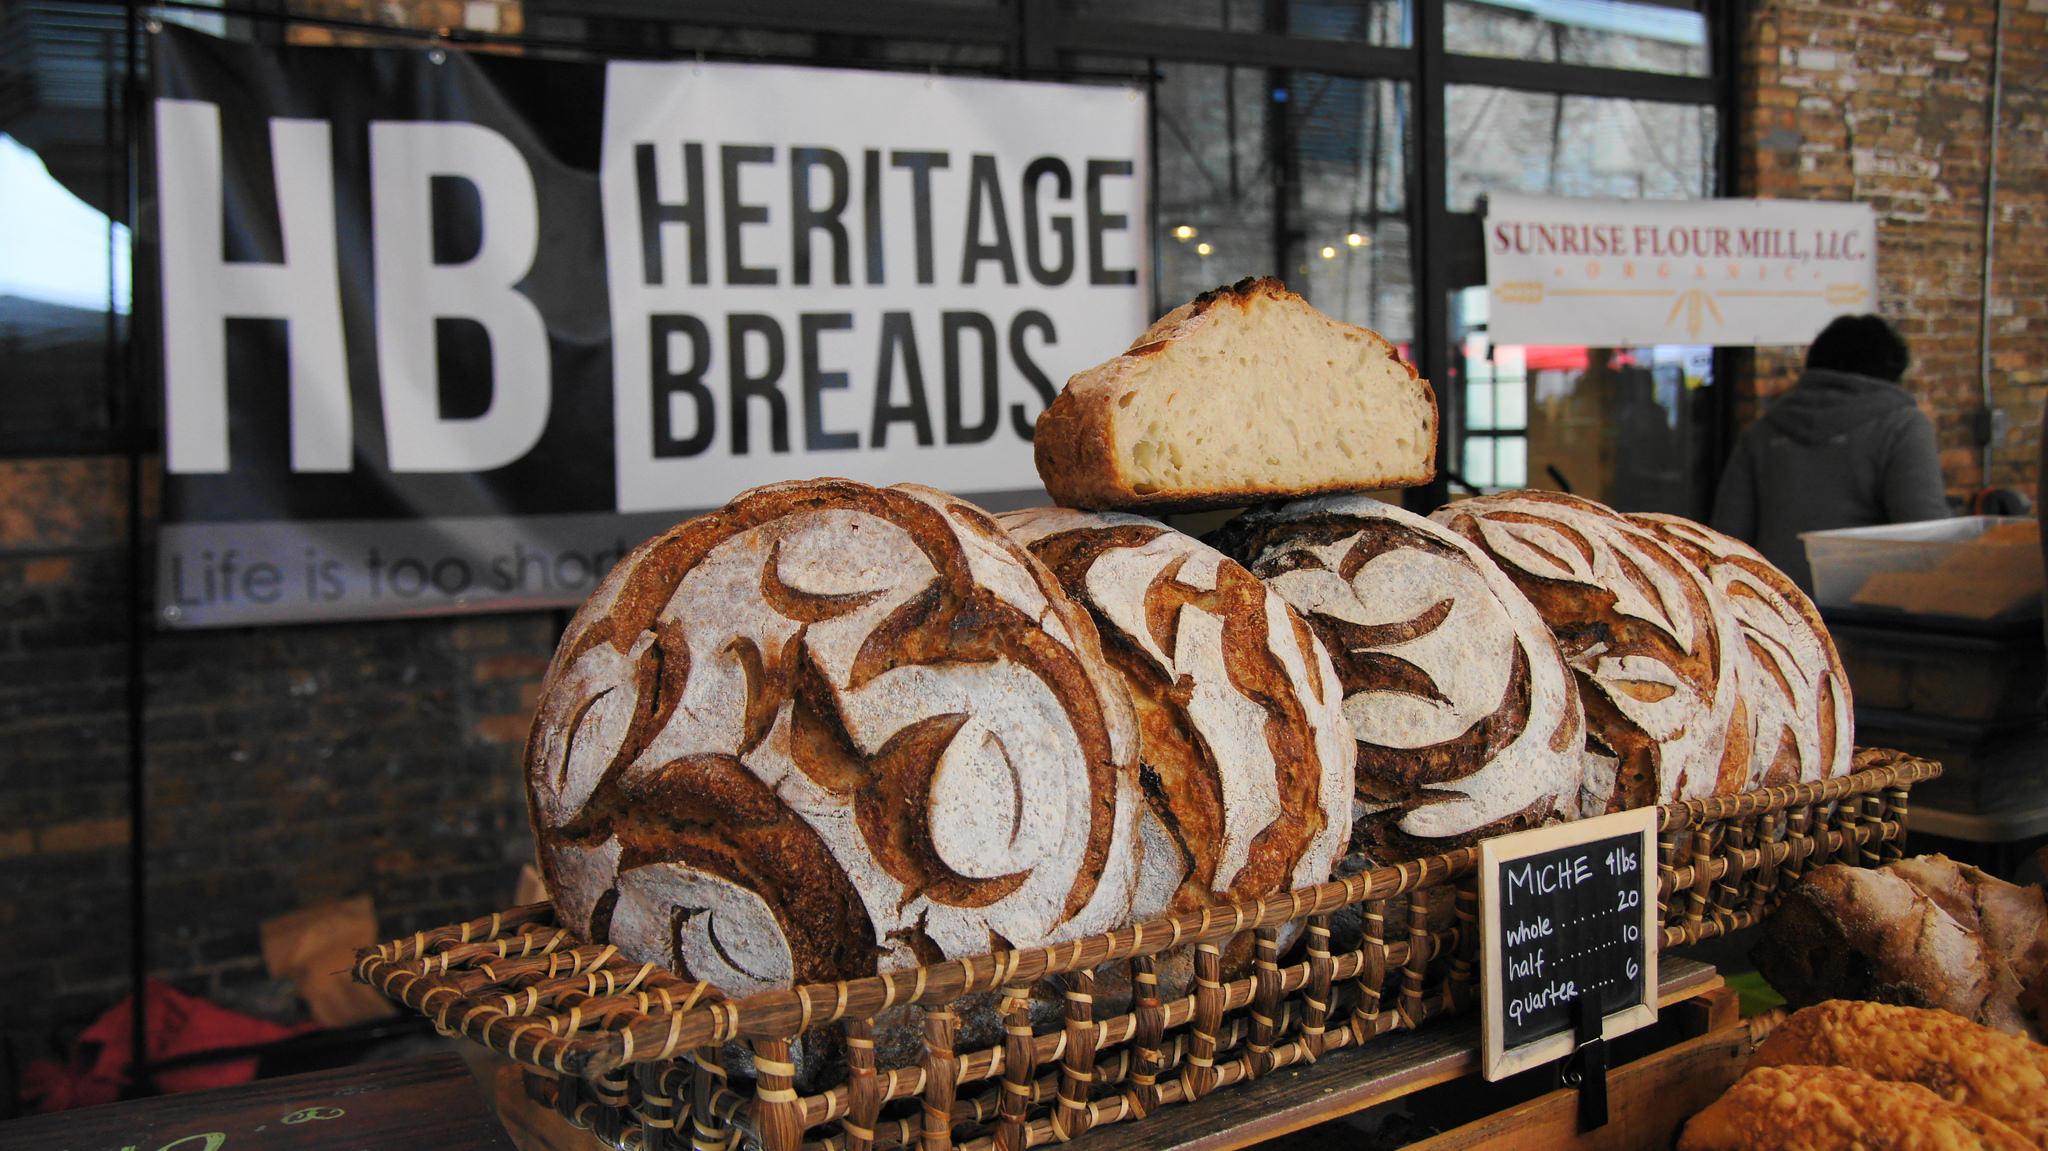 HB beautiful miche bread